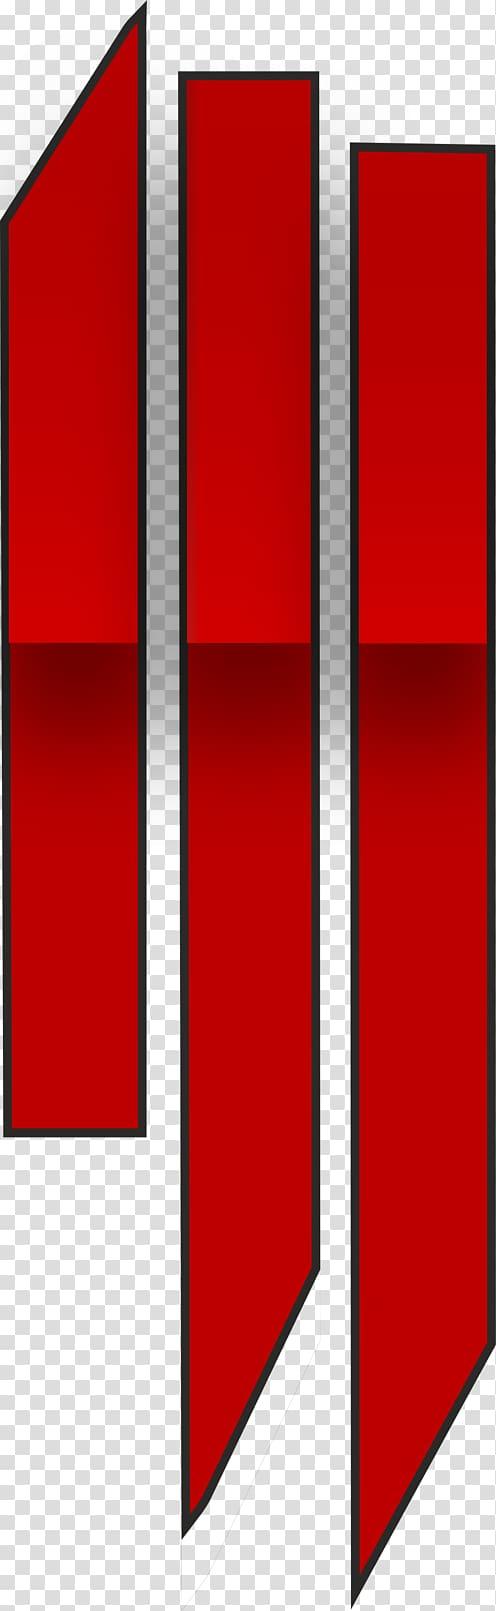 Logo, Skrillex transparent background PNG clipart.